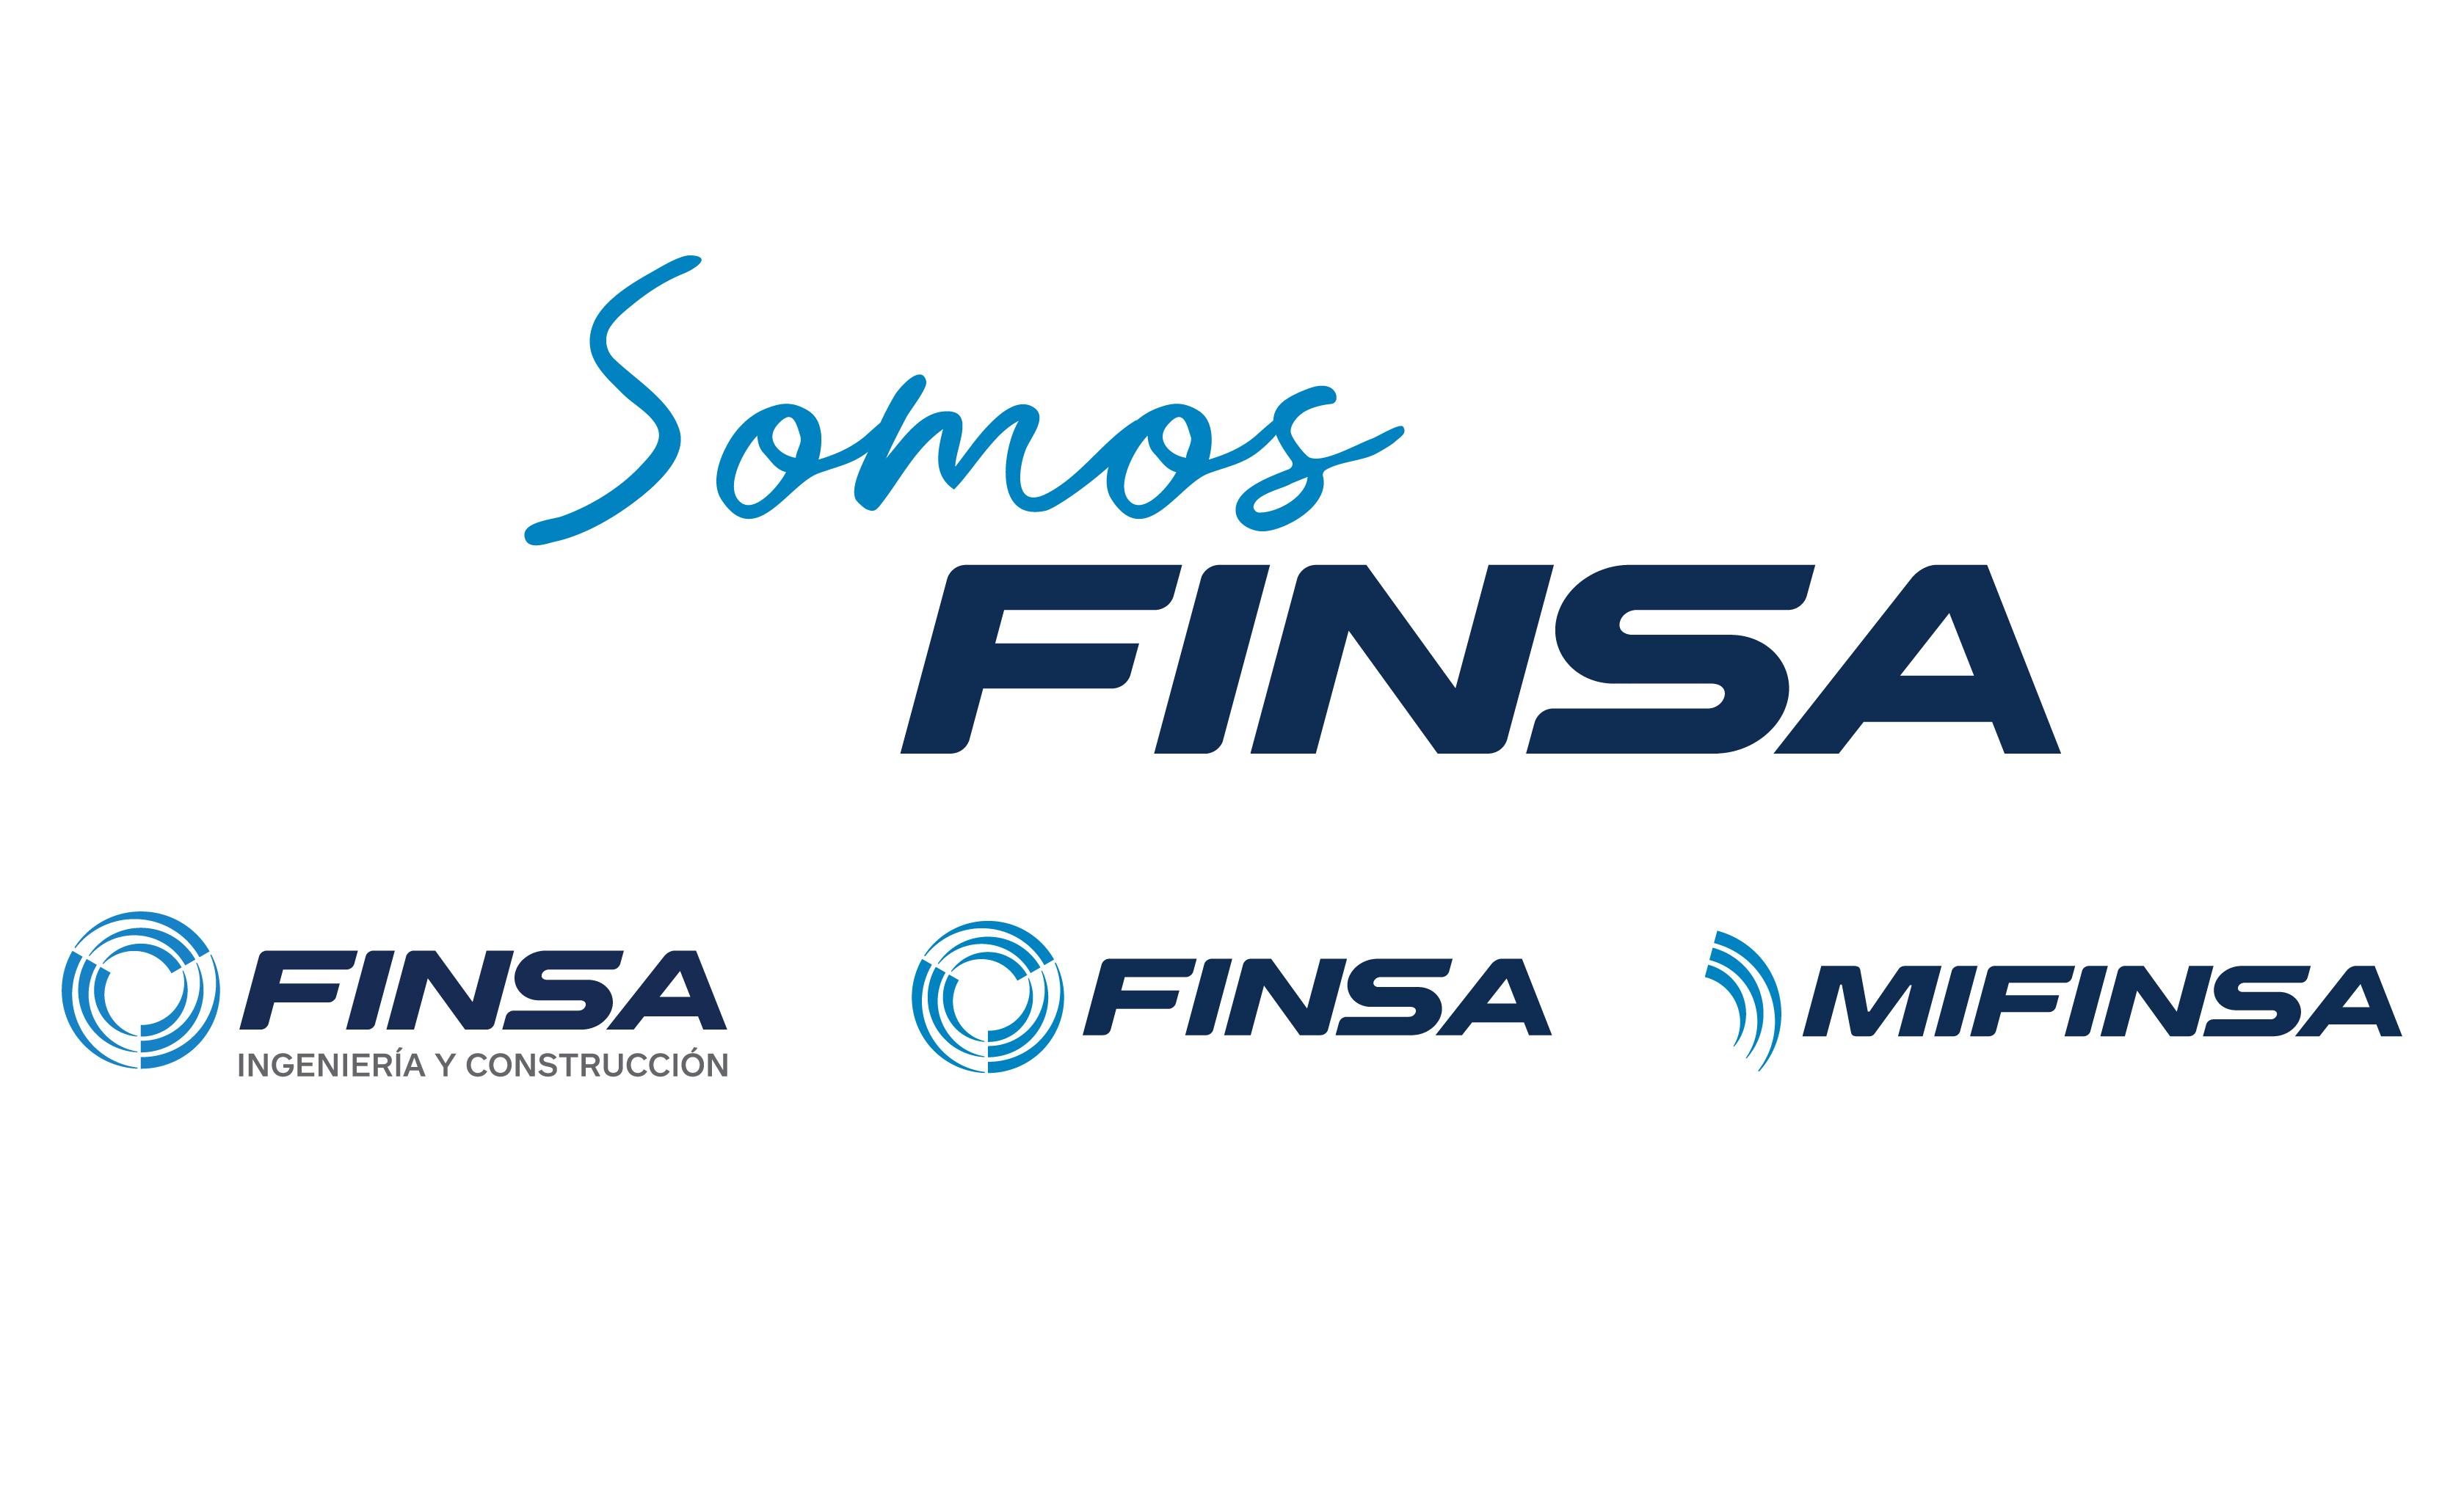 Logos-Blog-Somos-FINSA-01